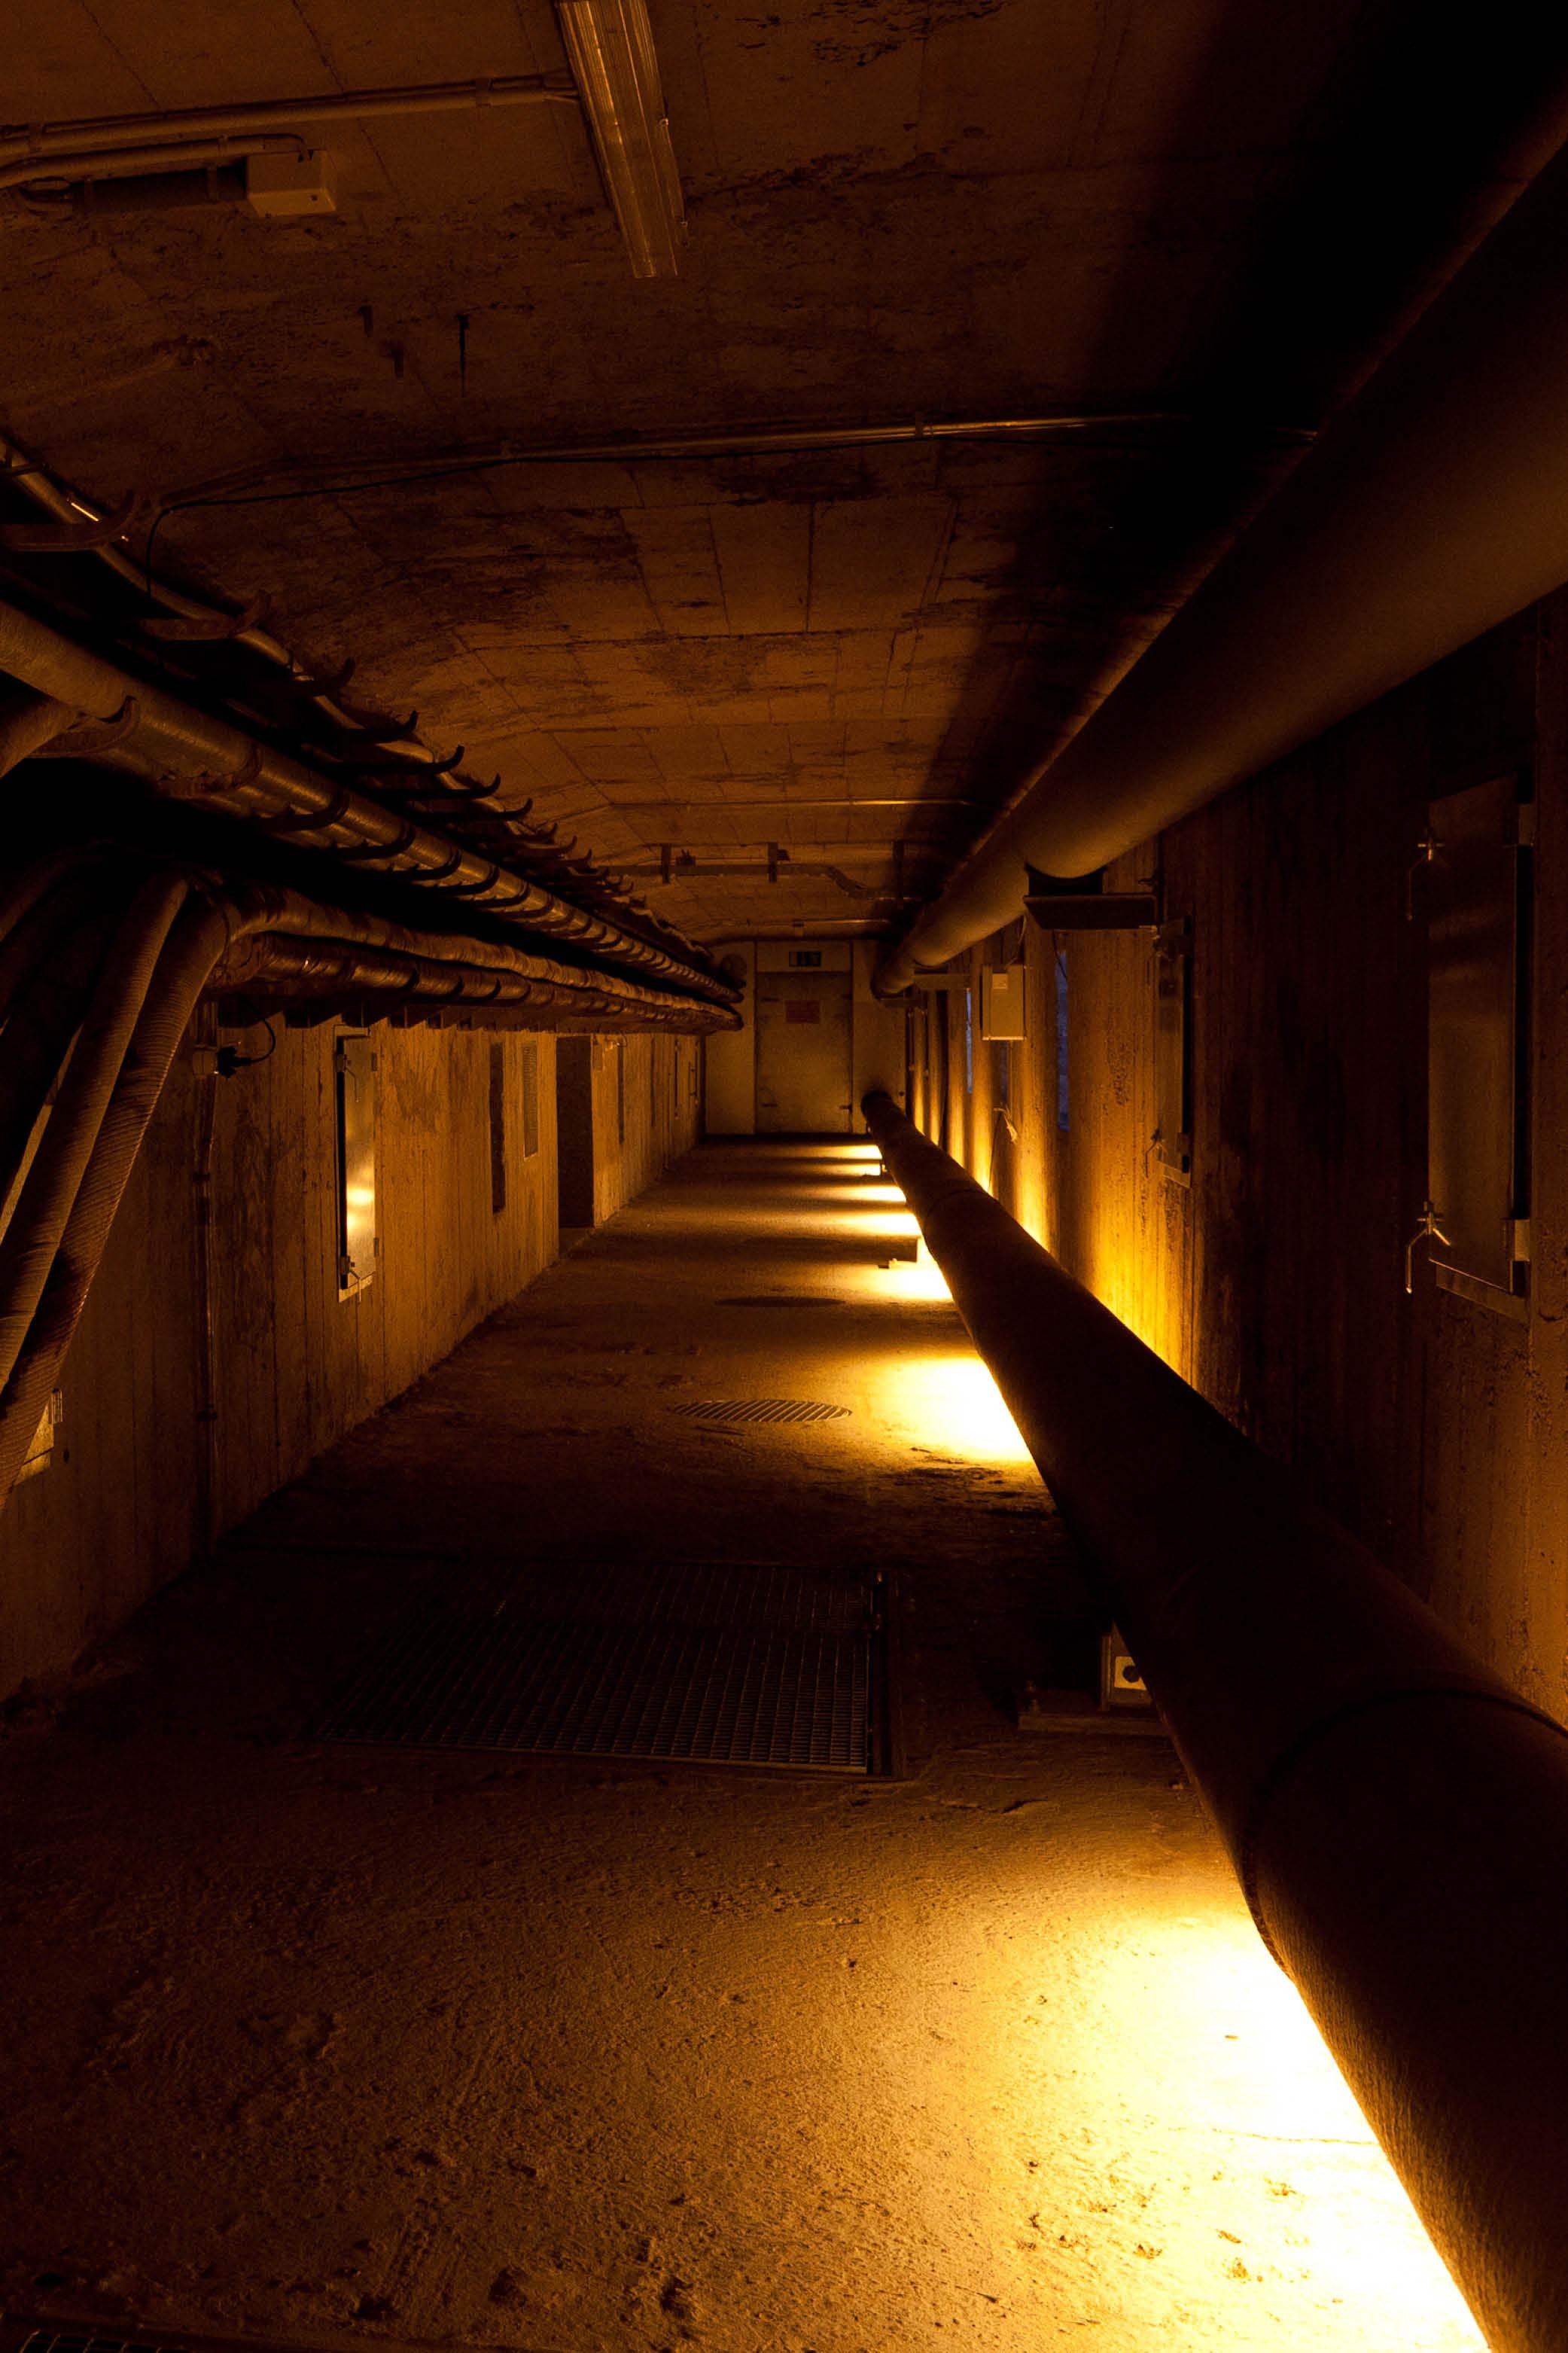 Warm beleuchteter Gang mit Rohren und Leitungen in der Lorrainebrücke